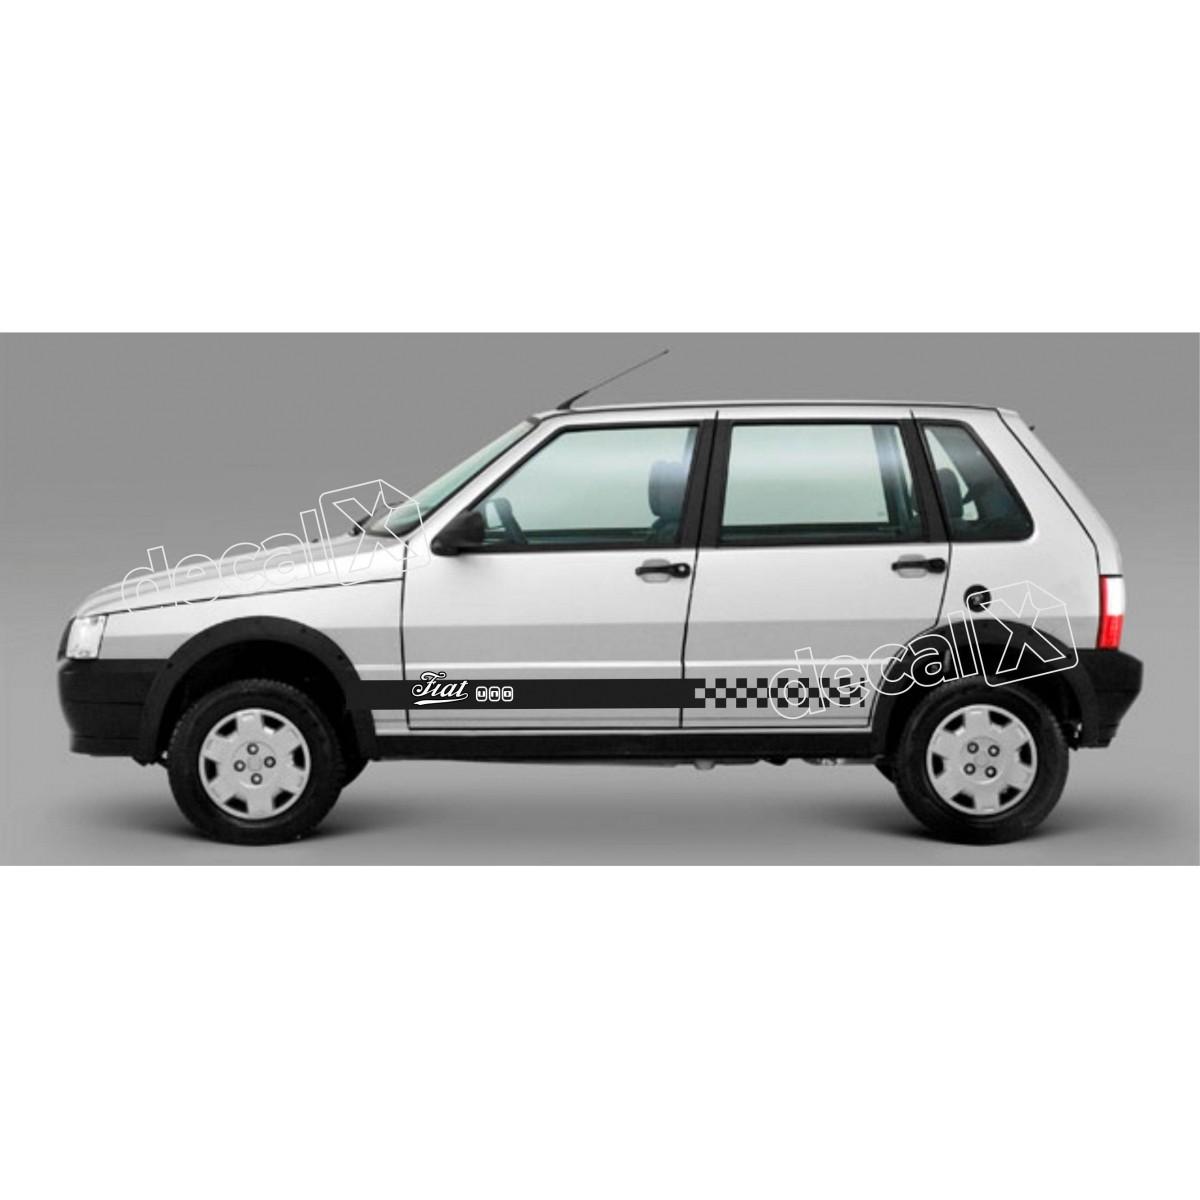 Adesivo Faixa Lateral Fiat Uno Unoe5